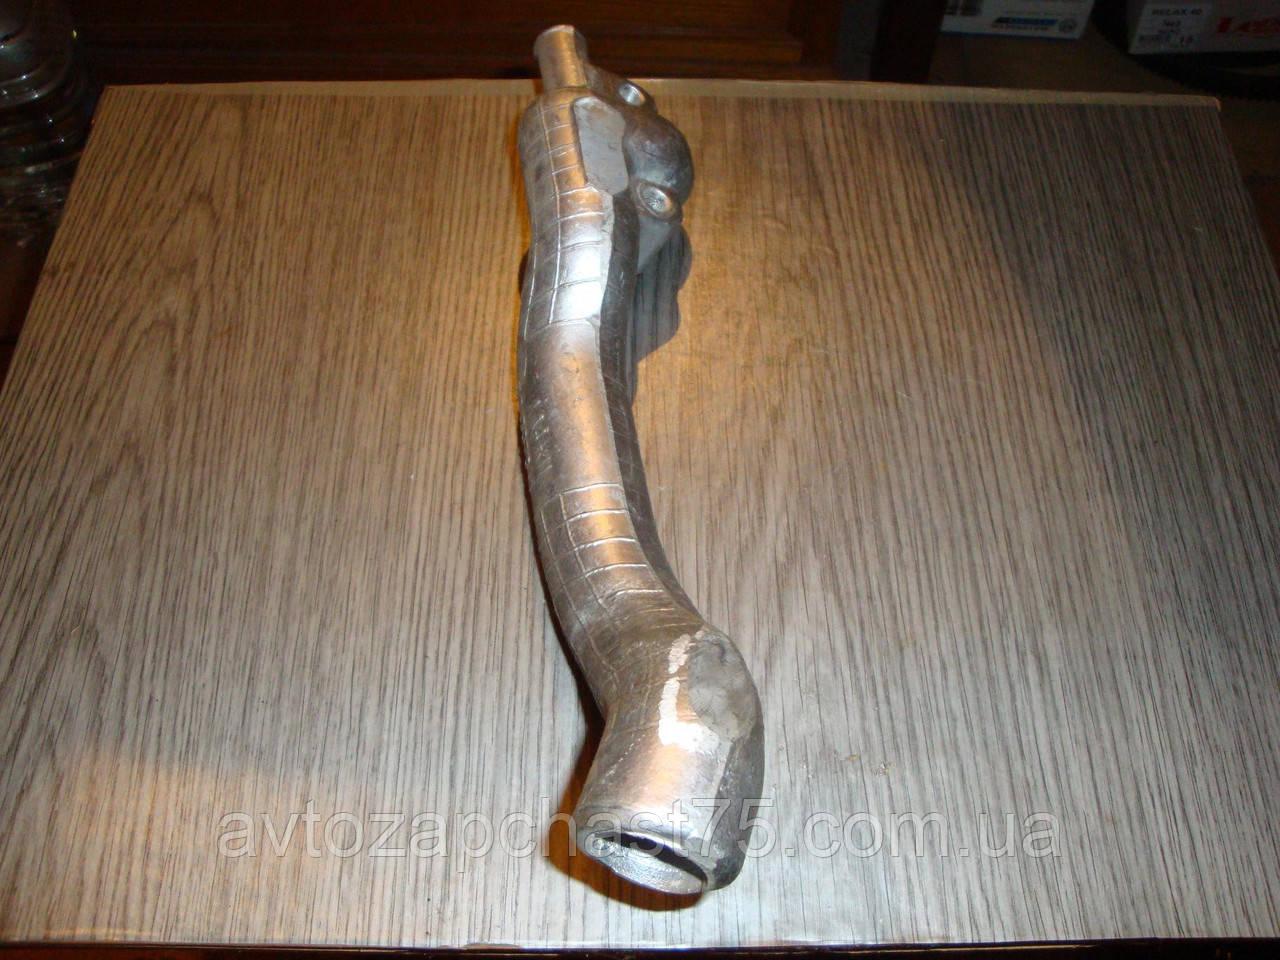 Патрубок насоса водяного Мтз, Д 240, Д 243 (кобра) производитель Агро-Днепр, Украина